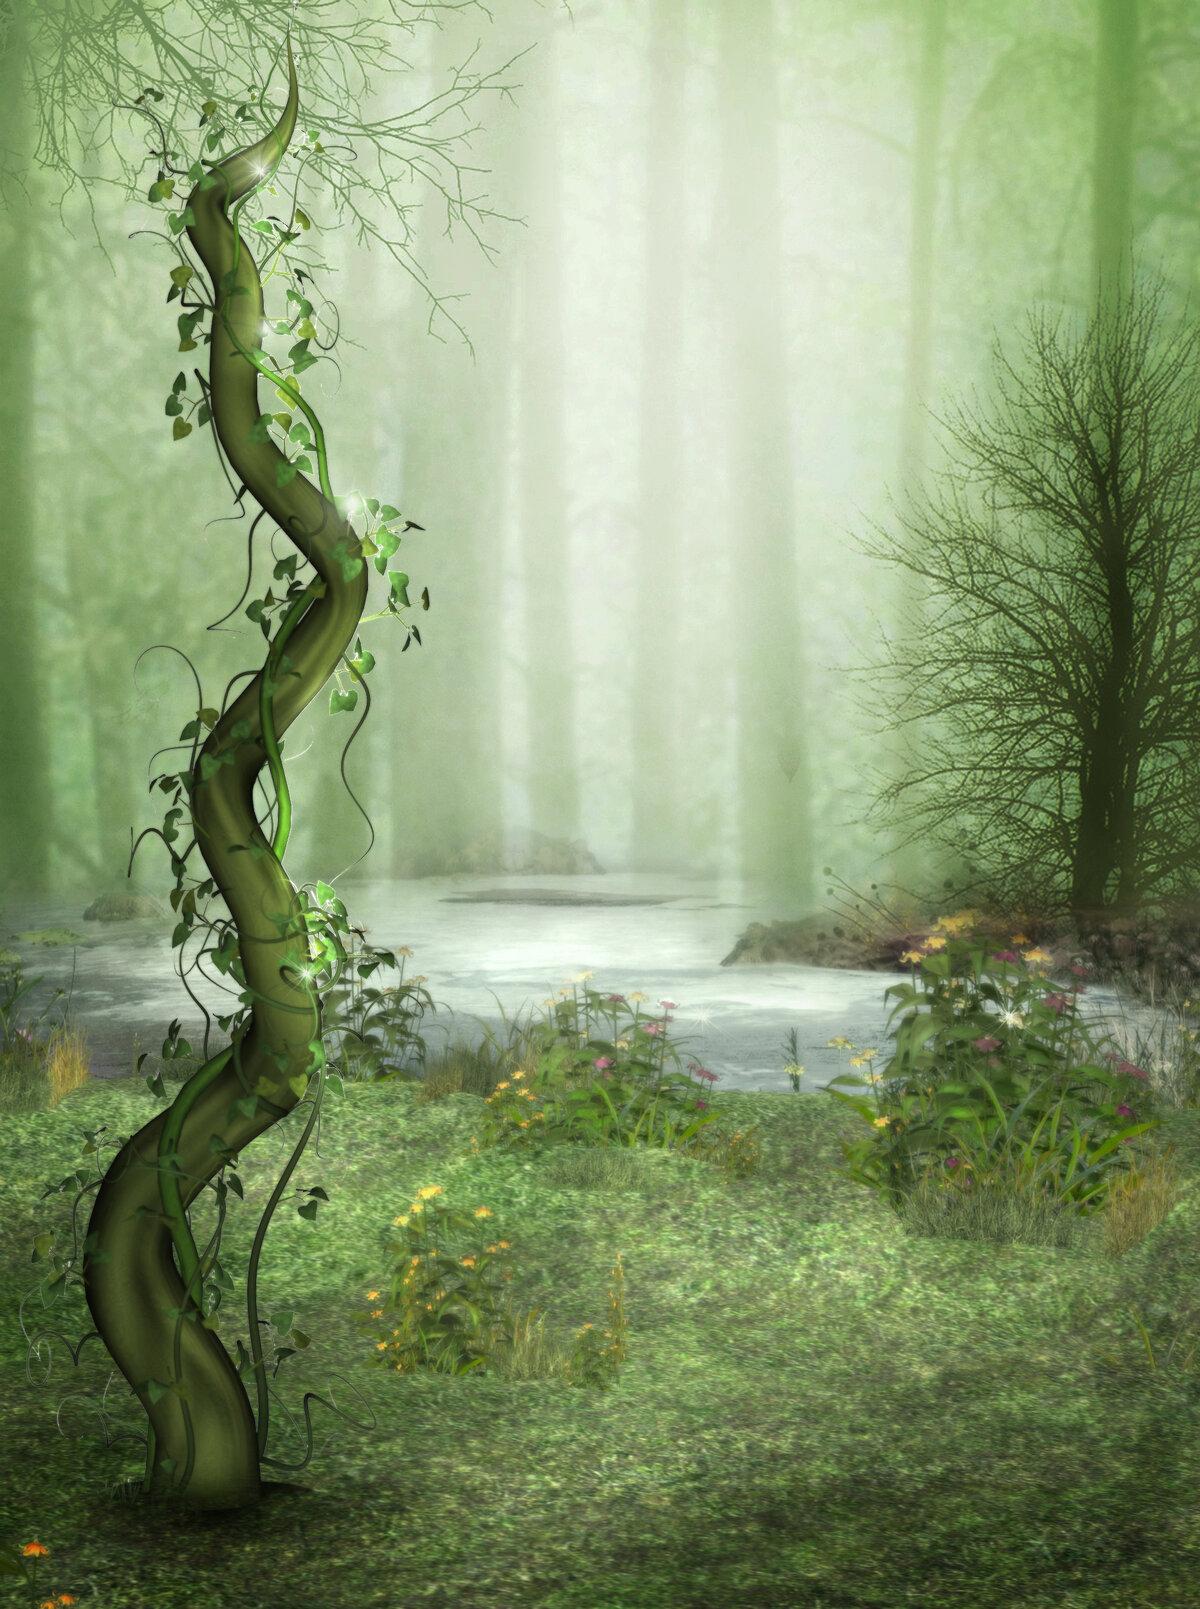 водопадов картинки для коллажей фэнтези клип